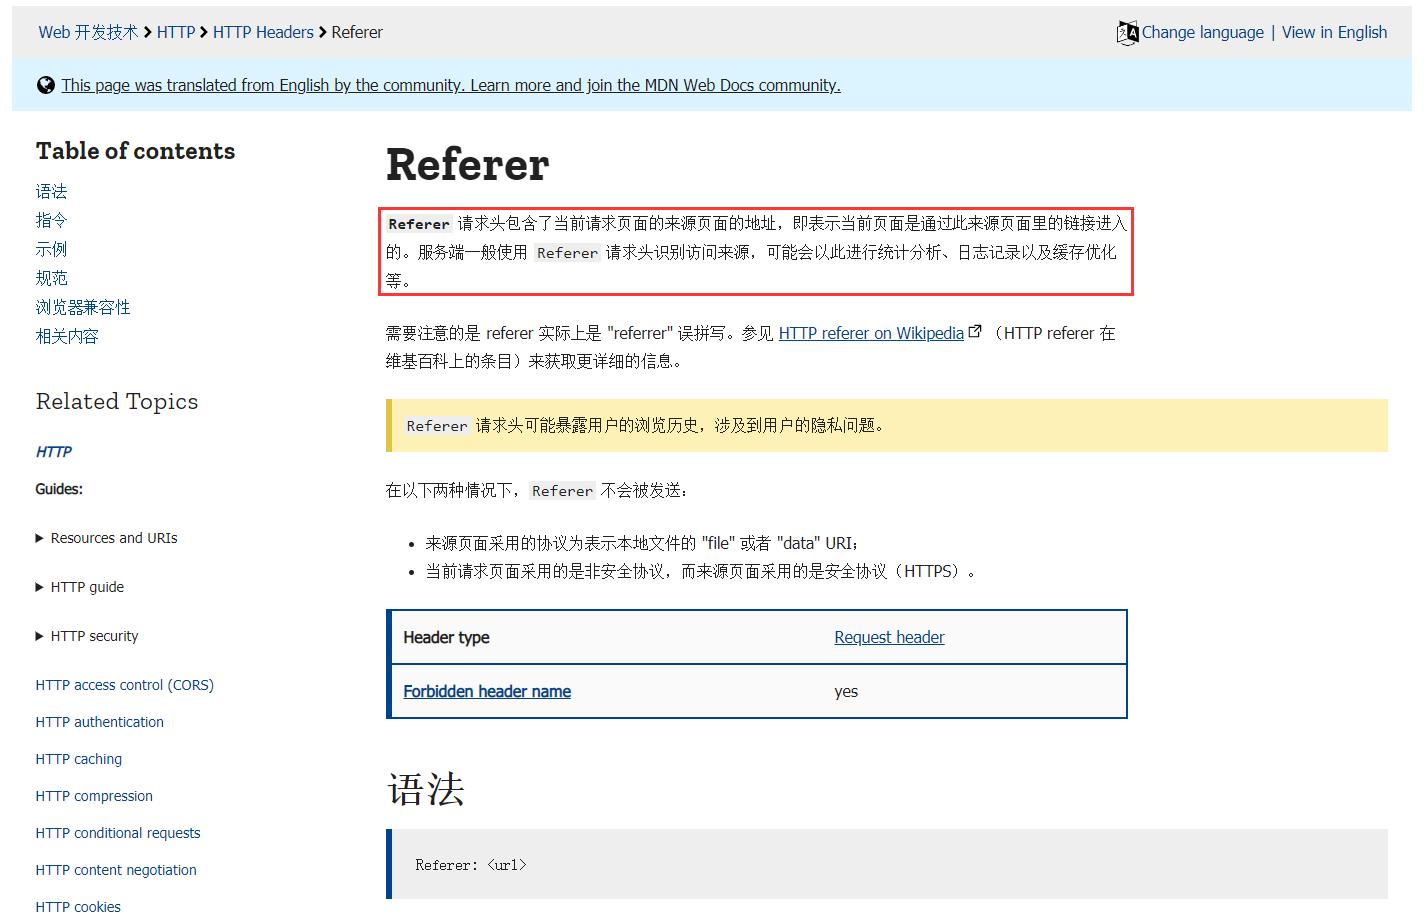 查看 MDN Web Docs 上的 HTTP Headers -> Referer。Referer 请求头包含了当前请求页面的来源页面的地址,即表示当前页面是通过此来源页面里的链接进入的。